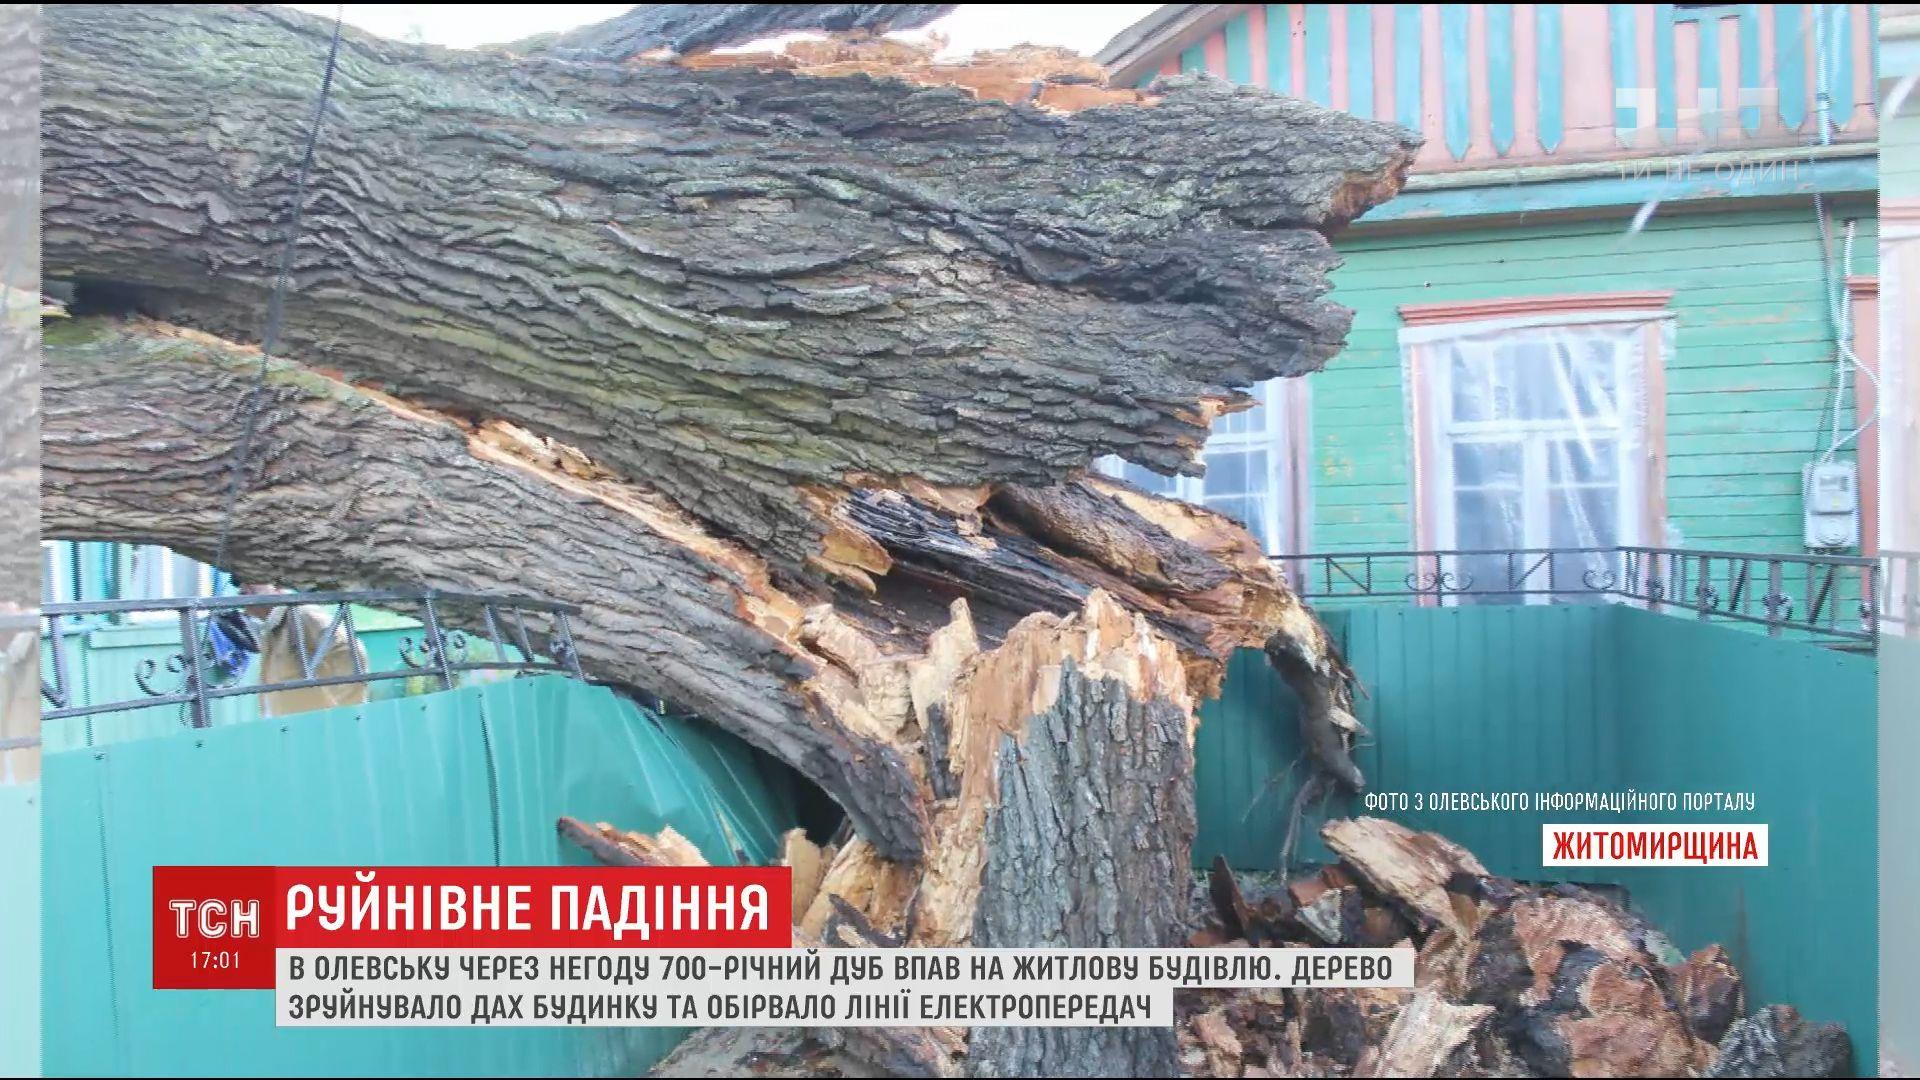 700-річний дуб упав на житловий будинок з-за урагану в Житомирській області /